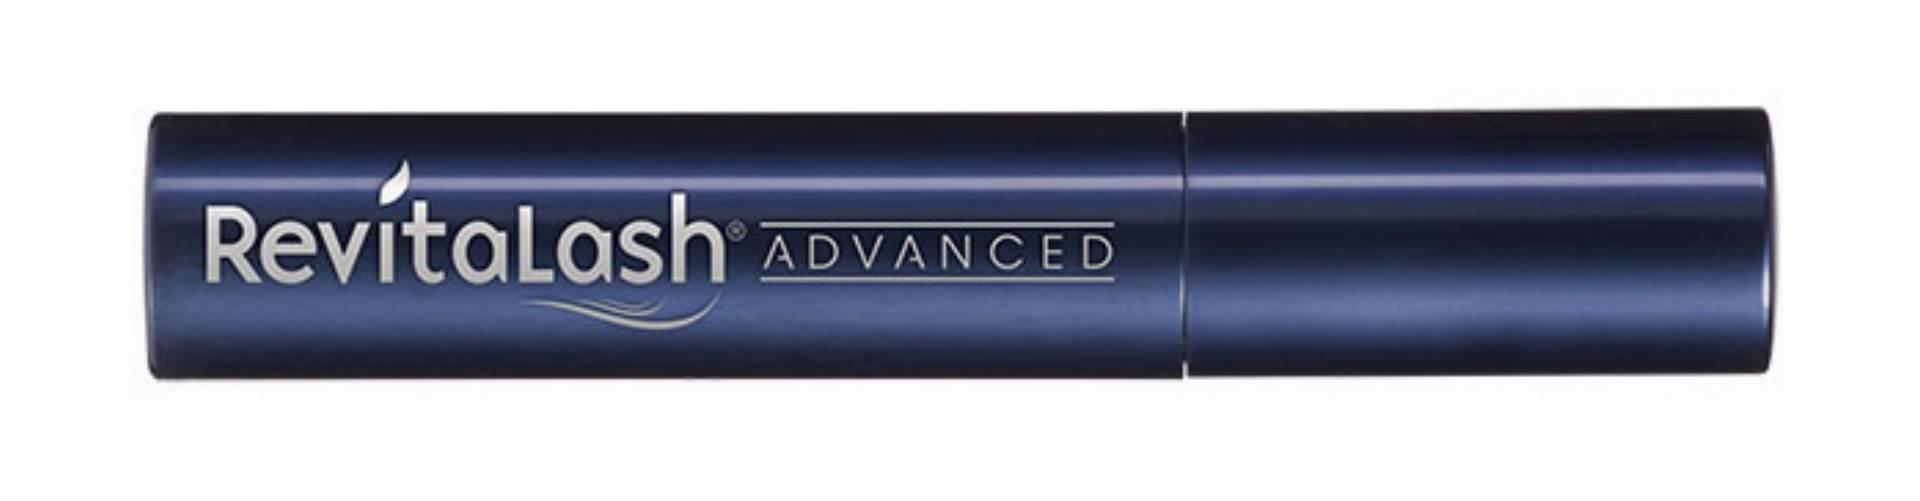 Revitalash Advanced 1 ml